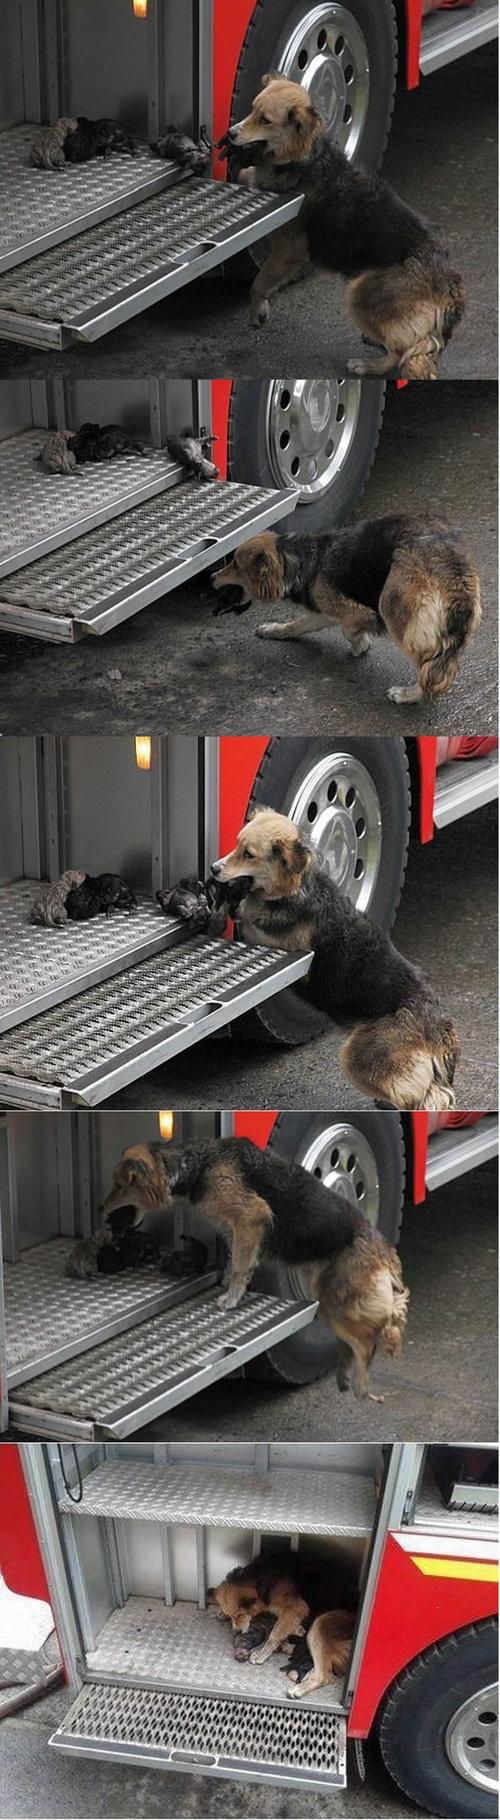 tierno perros